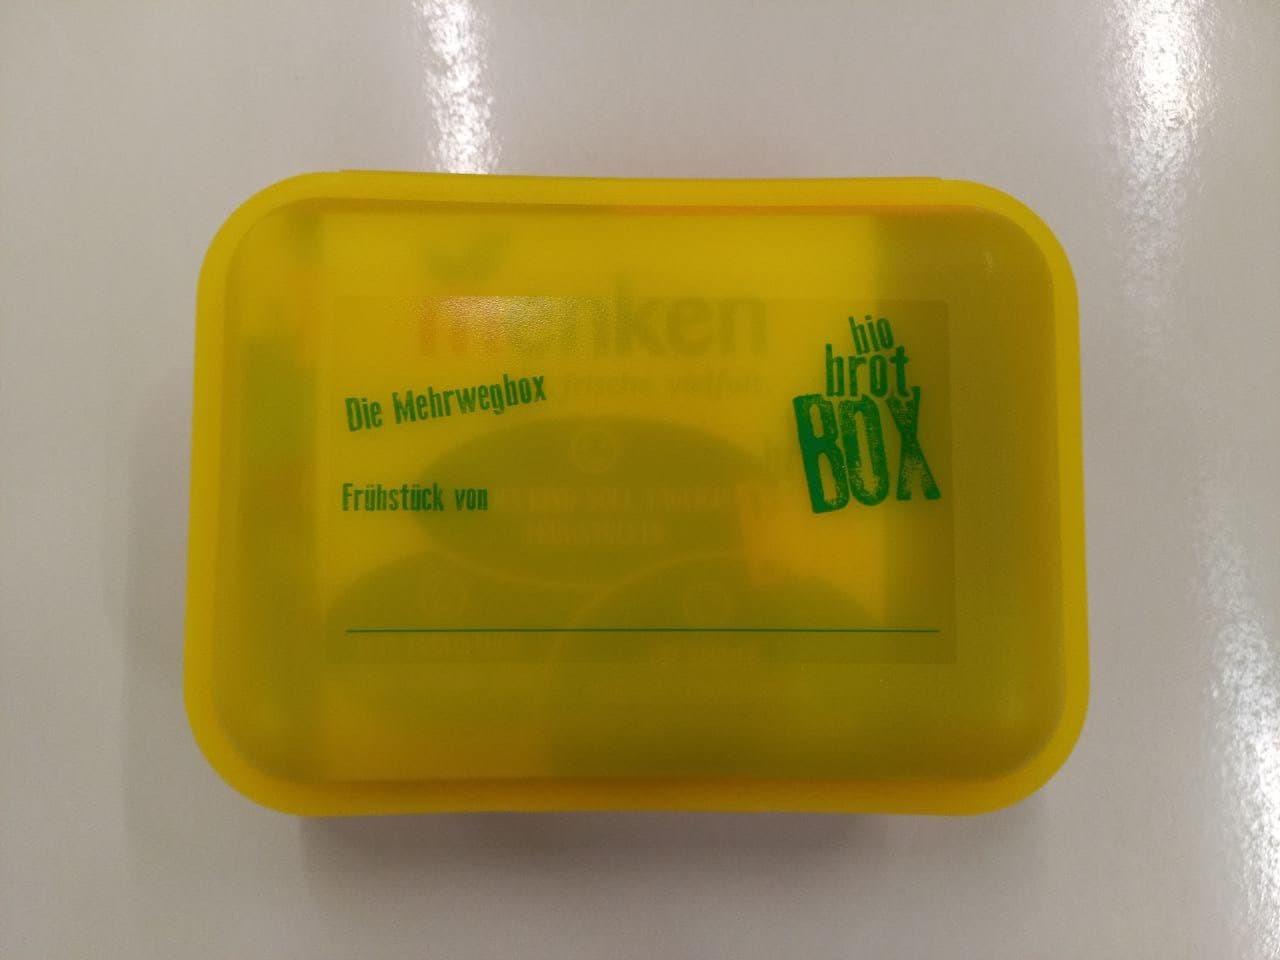 Brotbox vom Biomarkt Menken